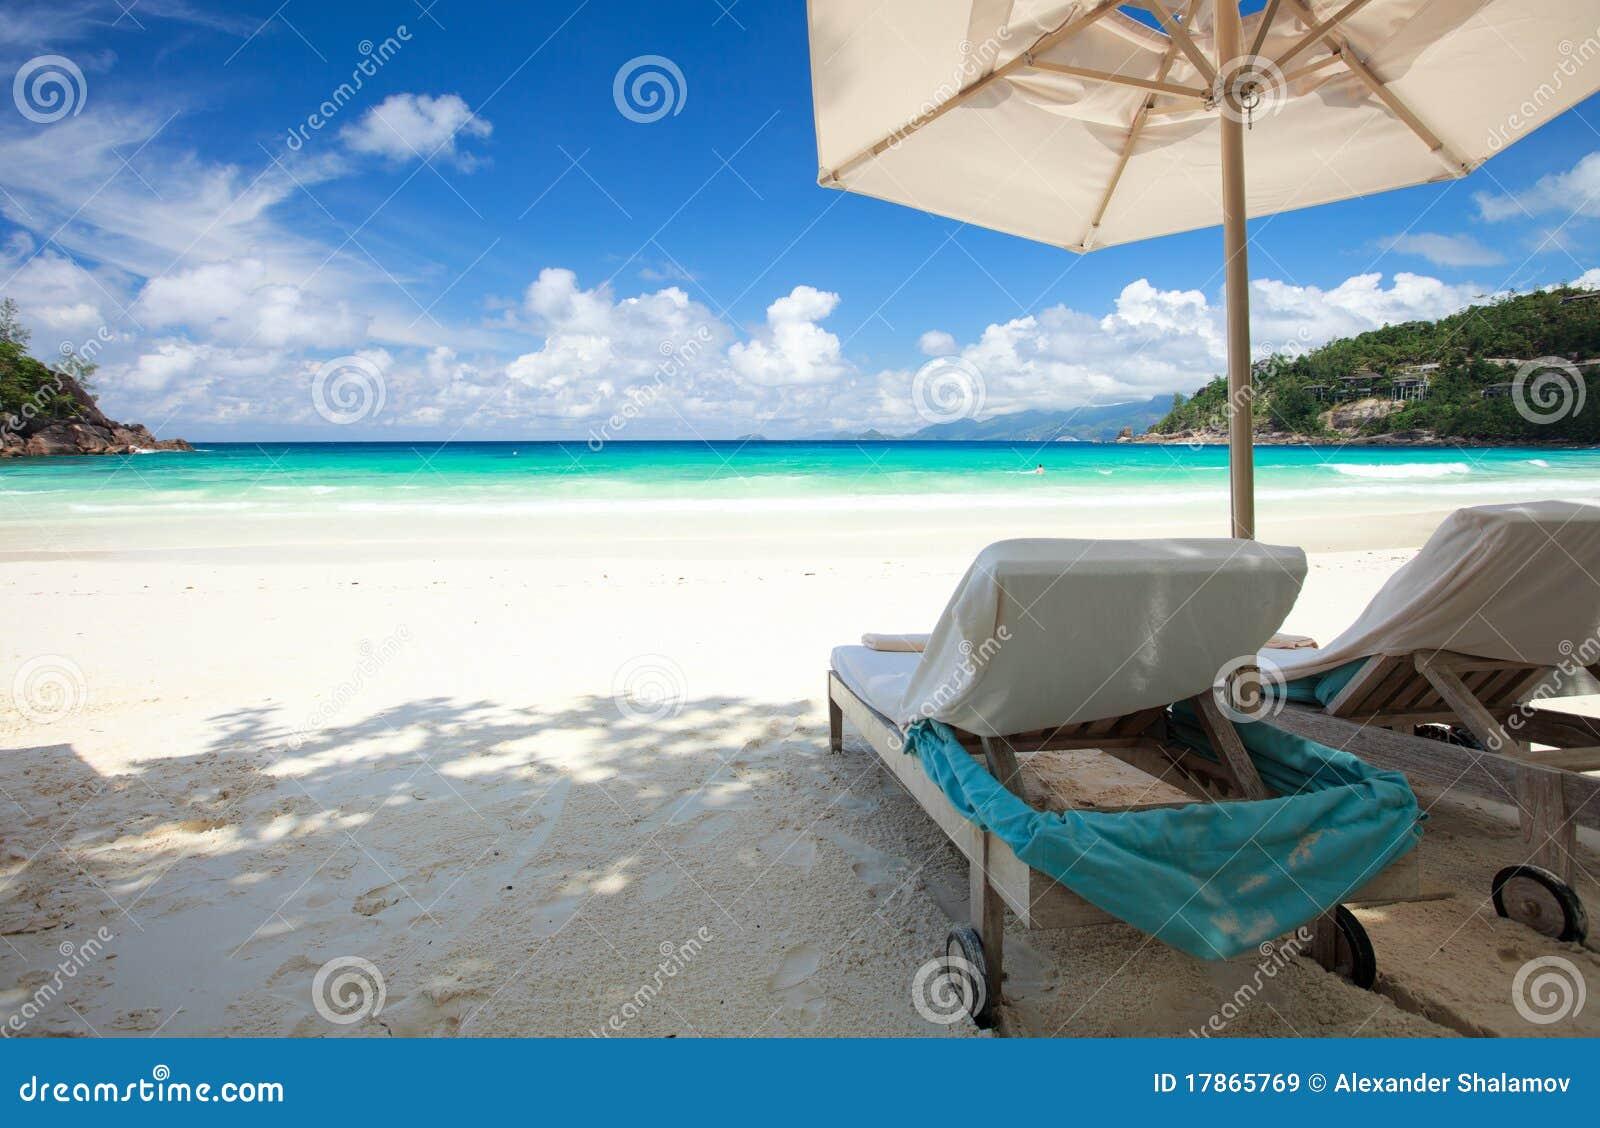 Presidenza di spiaggia sulla spiaggia tropicale immagine for Disegni di casa sulla spiaggia tropicale